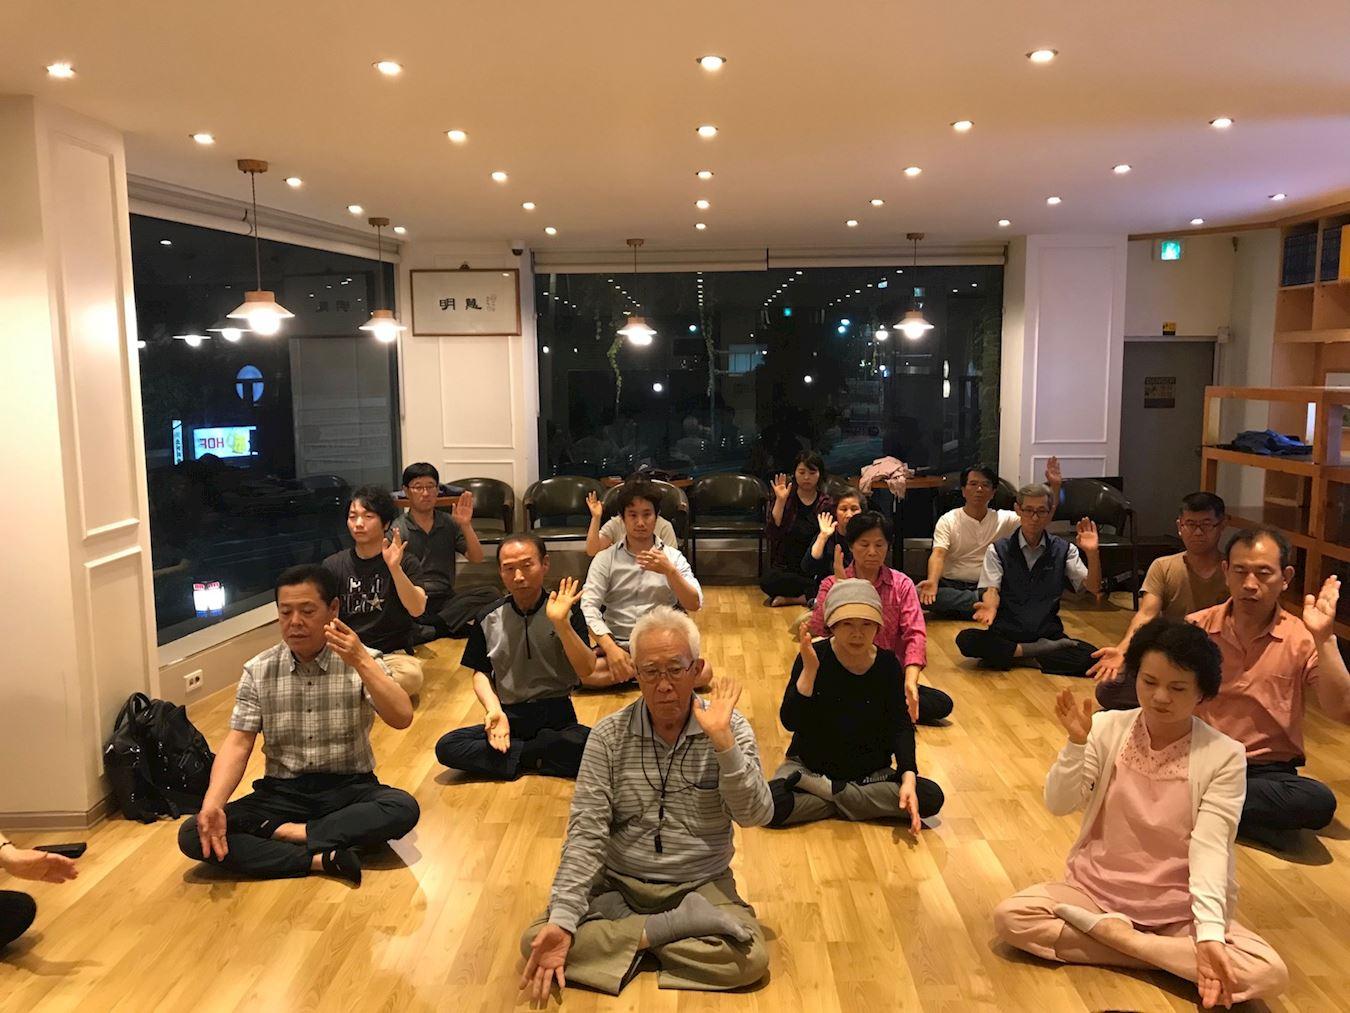 2019年7月,在南韓首爾舉辦的「法輪功九天學習班」上,新入門的學員學煉法輪功功法。(明慧網)